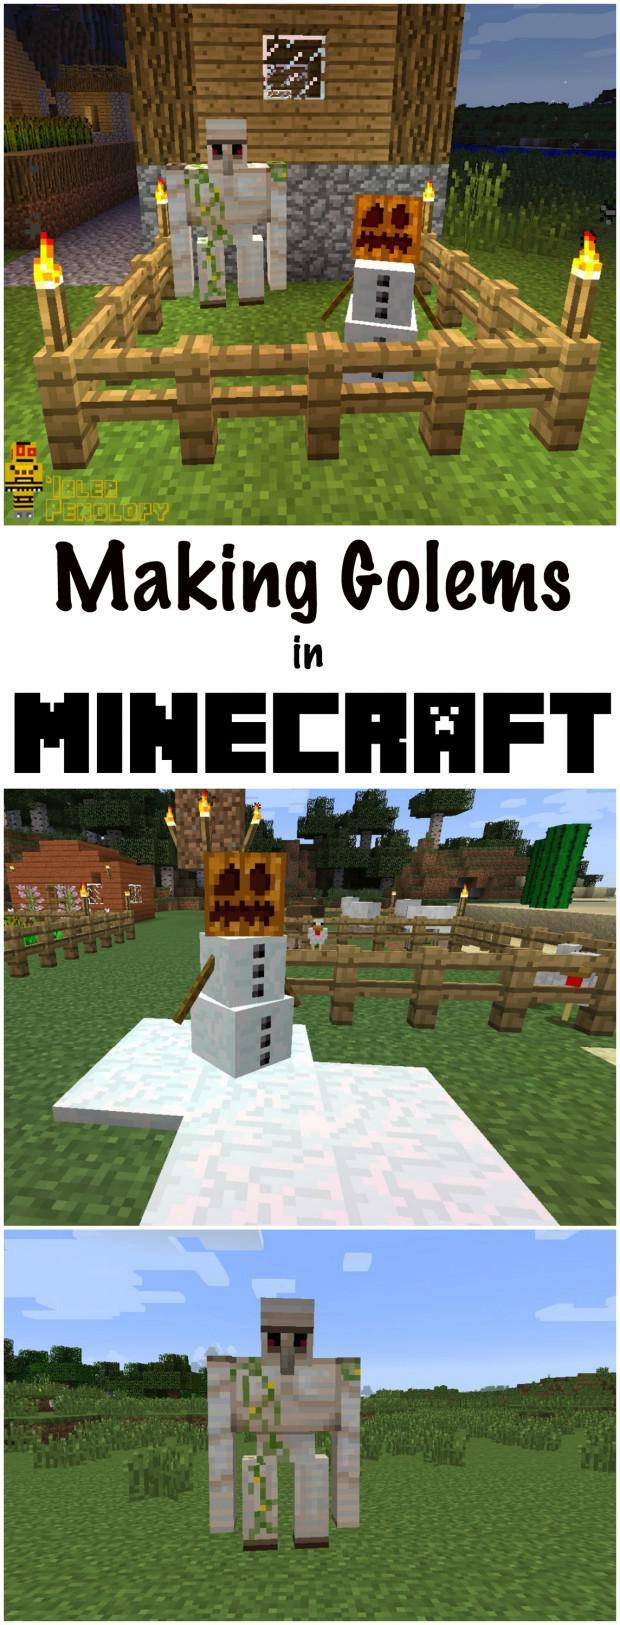 Comment Faire Un Golem De Fer : comment, faire, golem, Fabrication, Golems, Minecraft, Tubefr.com